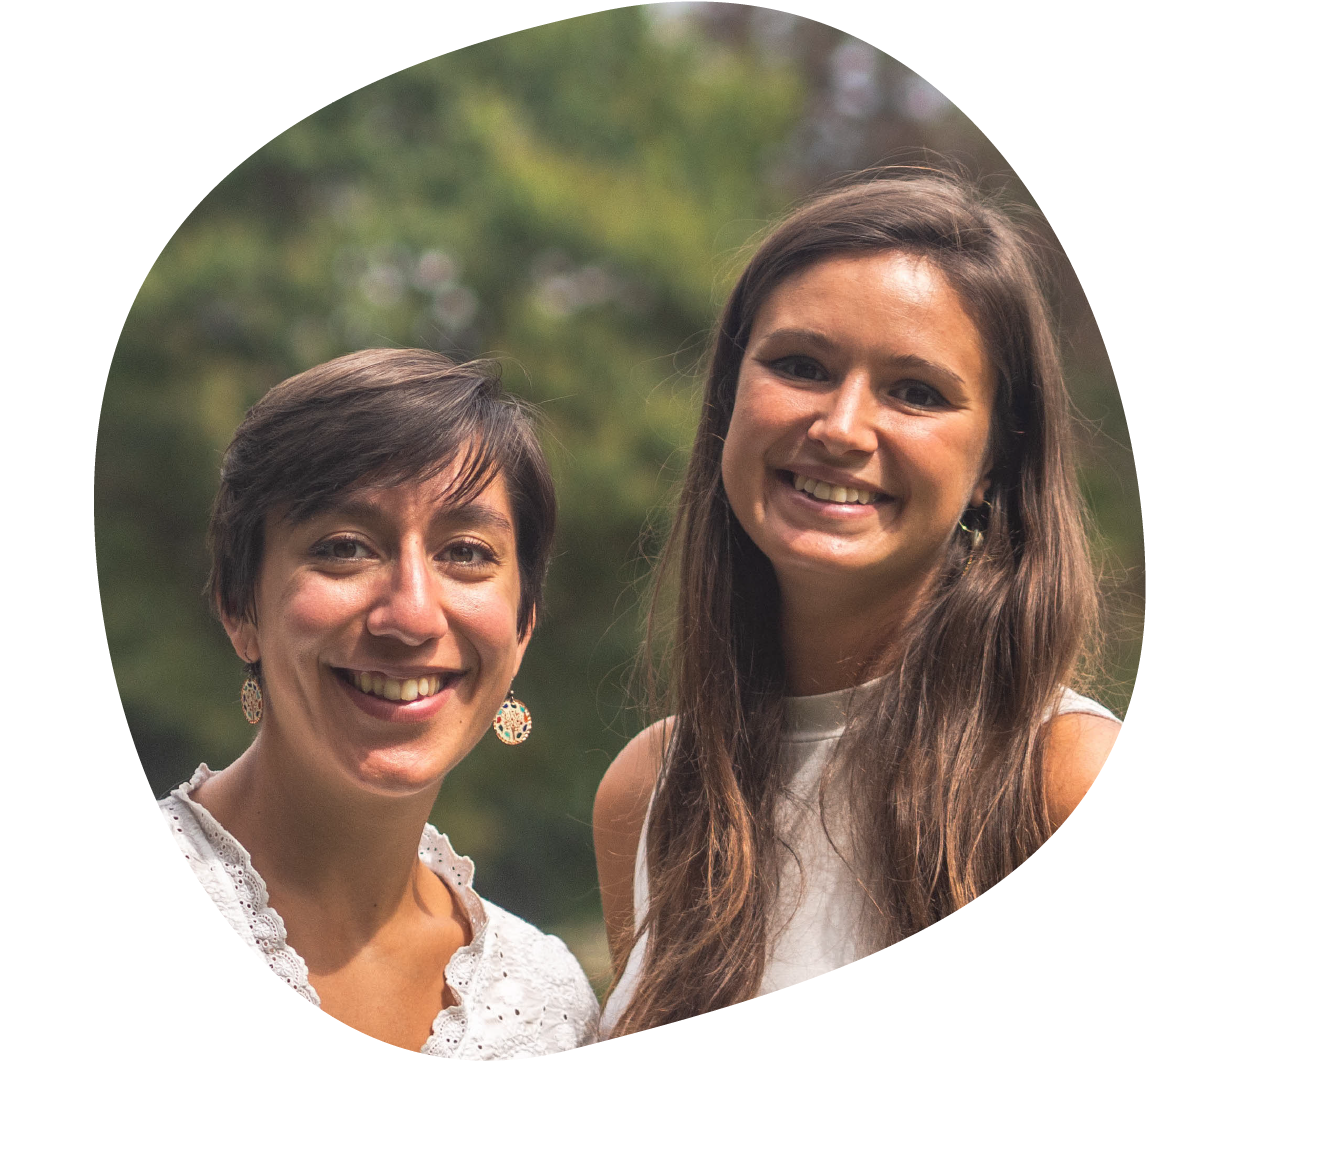 Marion et Annabelle fondatrices Chouette Impact